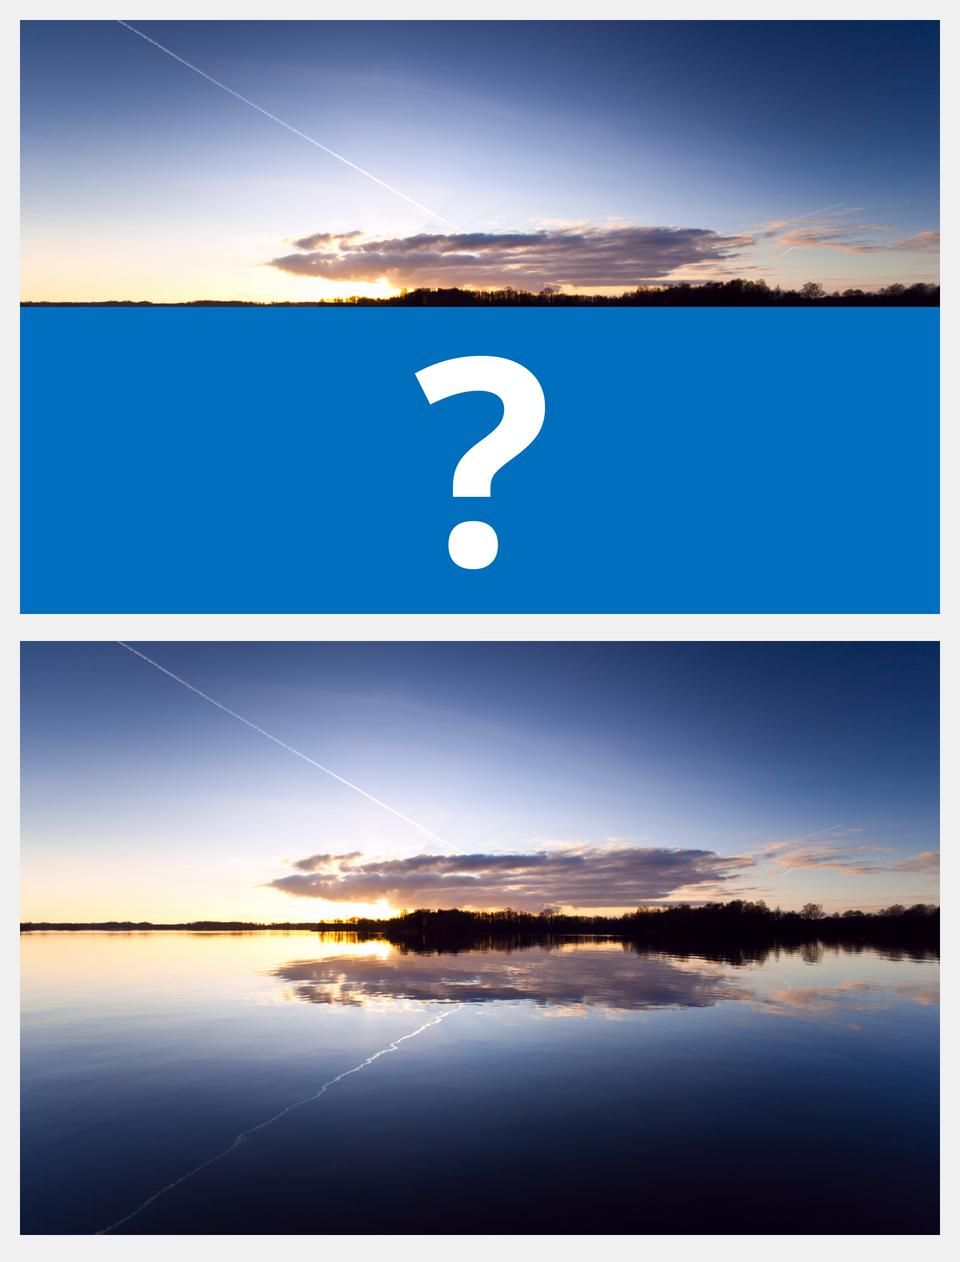 Ilustracja interaktywna jest podzielona na dwie części. Przedstawia połowę pejzażu zniebem, chmurami ifragmentem pejzażu. Drugą część zajmuje niebieski prostokąt ze znakiem zapytania. Po odwróceniu ilustracji ukazany jest cały pejzaż, którego górna część symetrycznie odbija się wtafli wody.